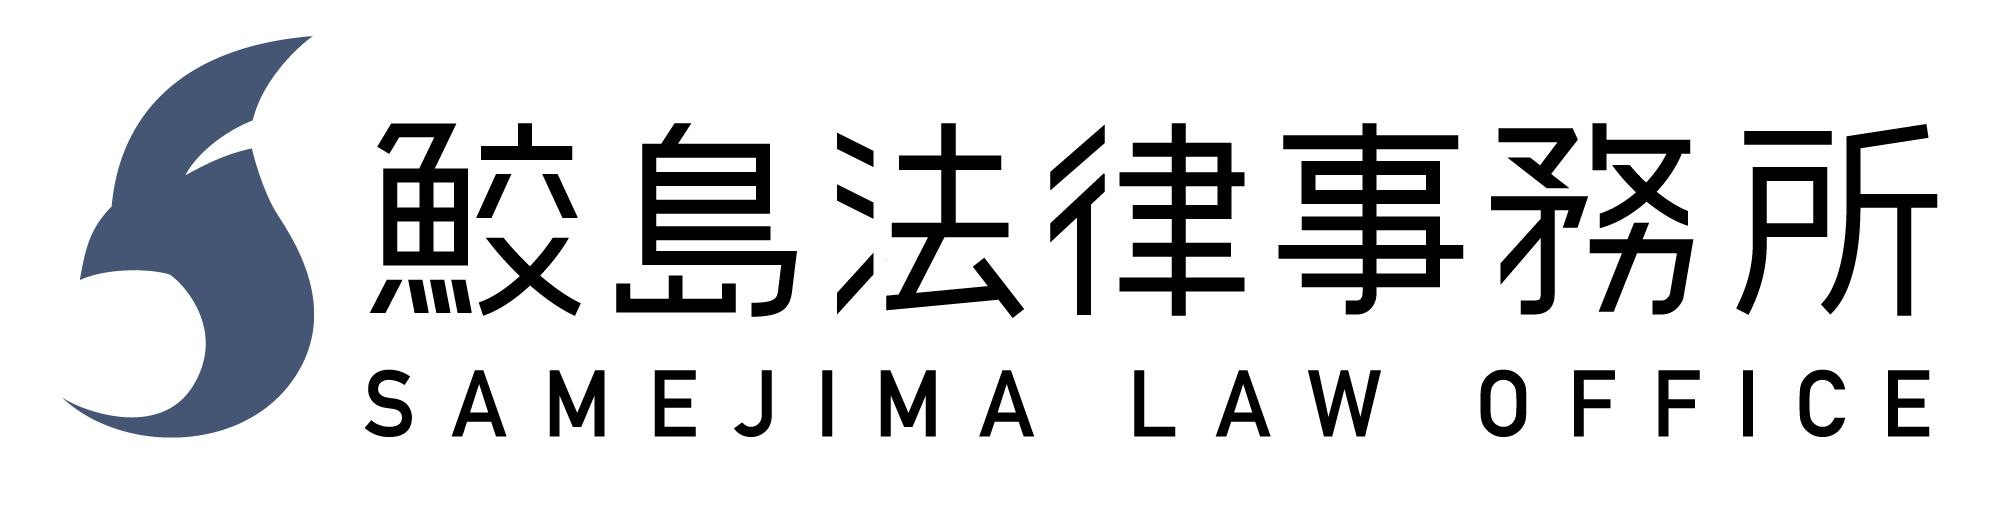 鮫島法律事務所